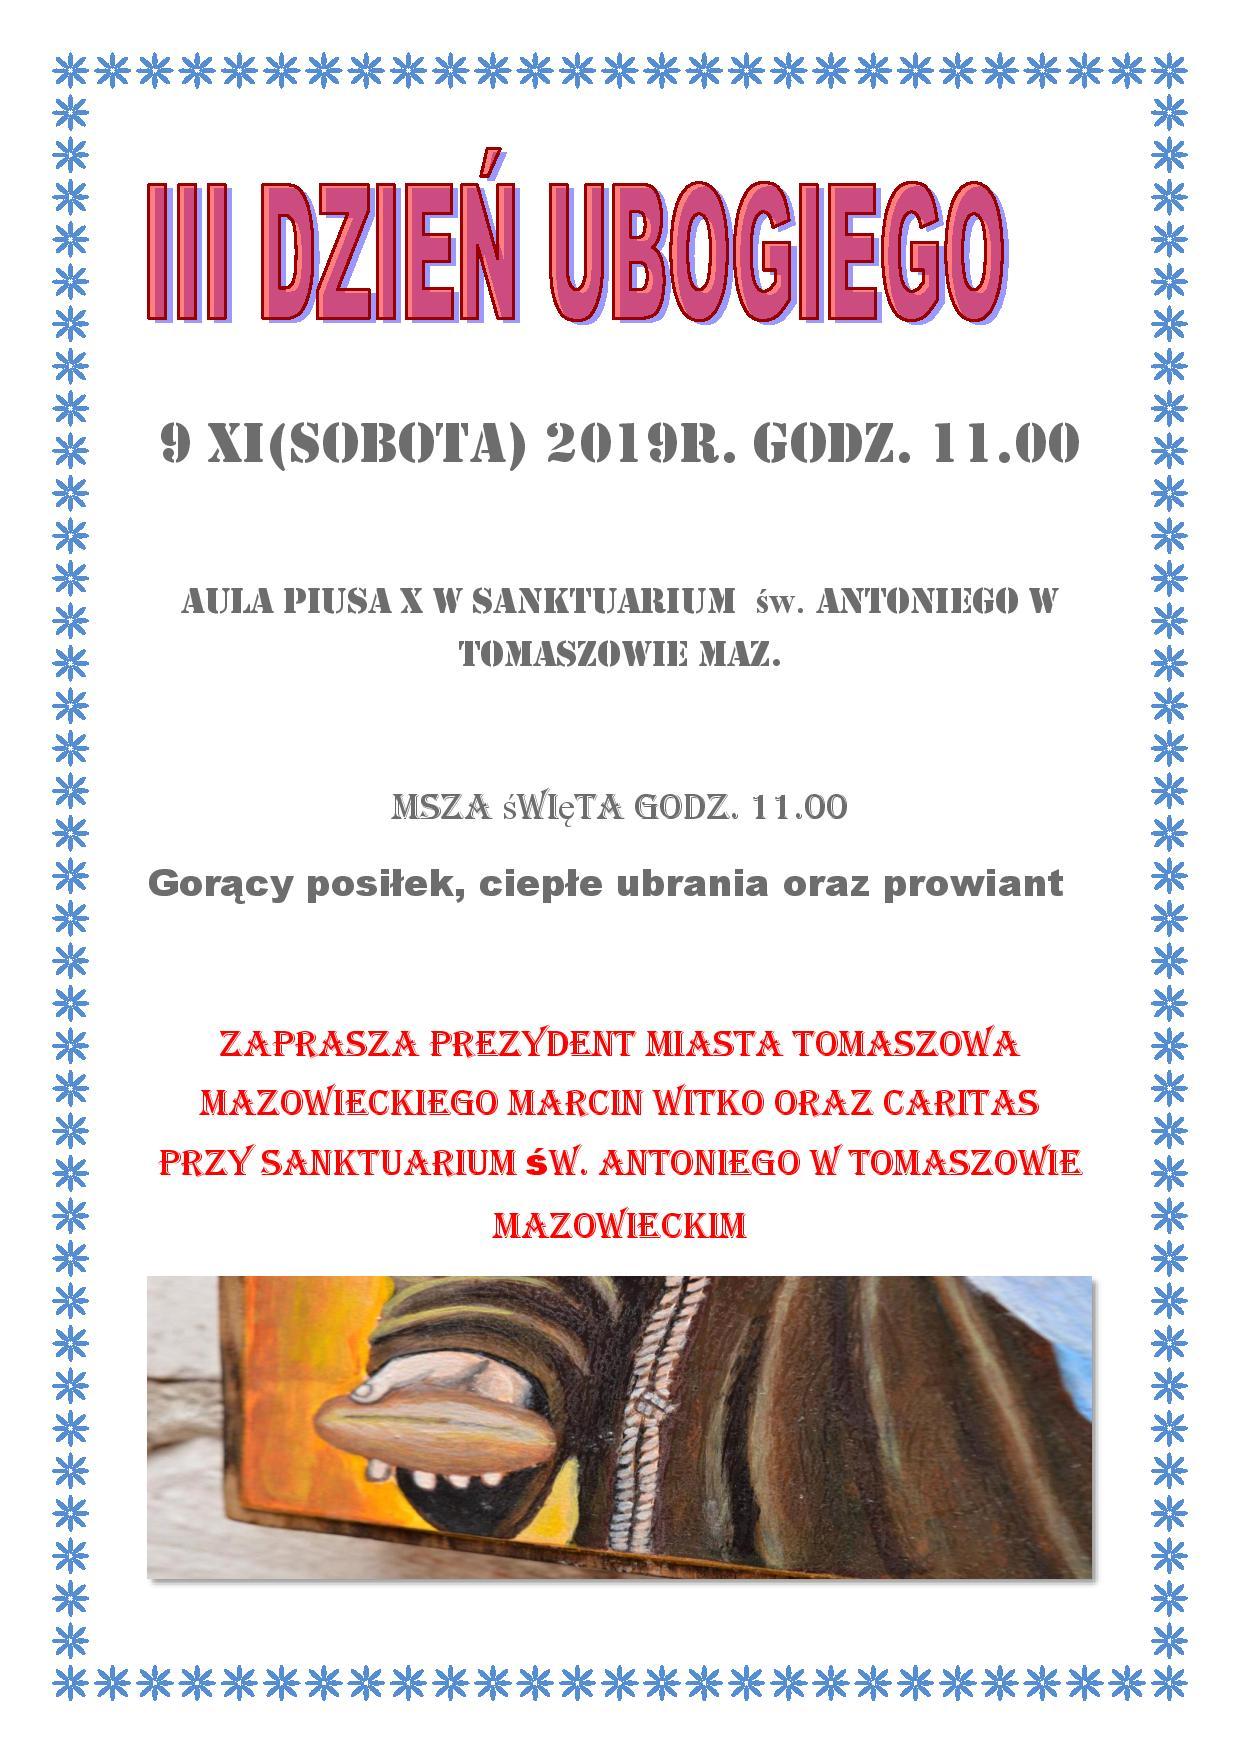 dzień ubogiego plakat